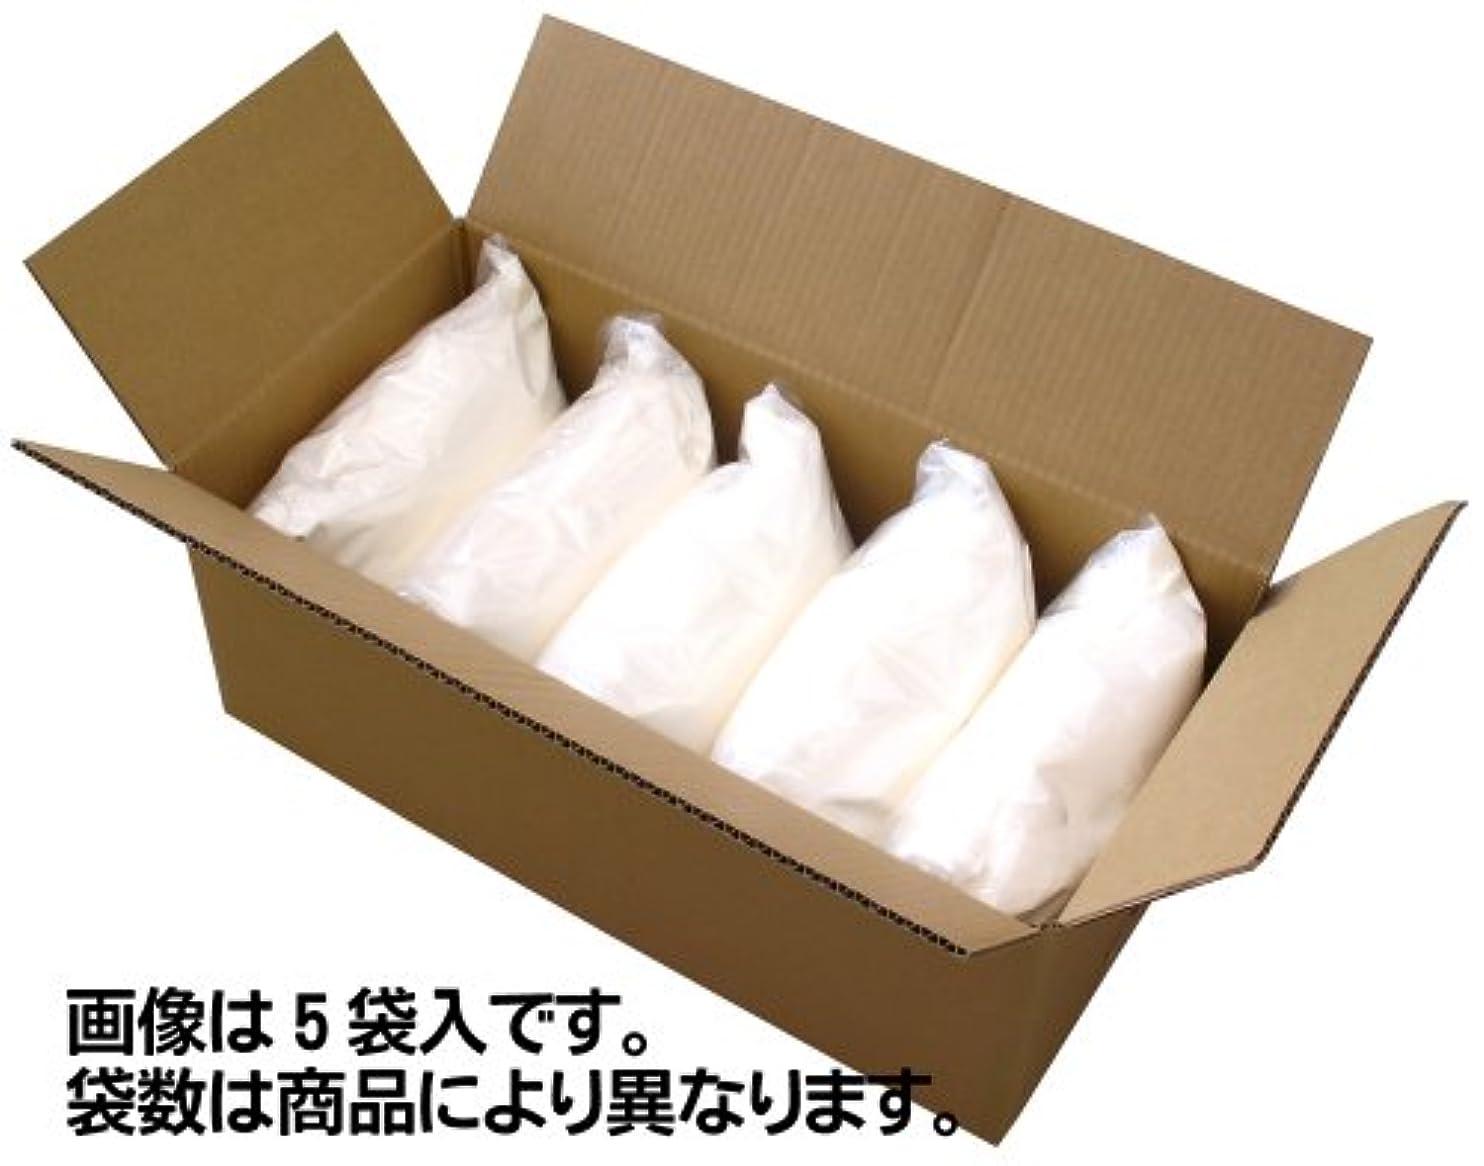 言うさらに自然業務用 難消化性デキストリン4kg×3袋 水溶性食物繊維約85%